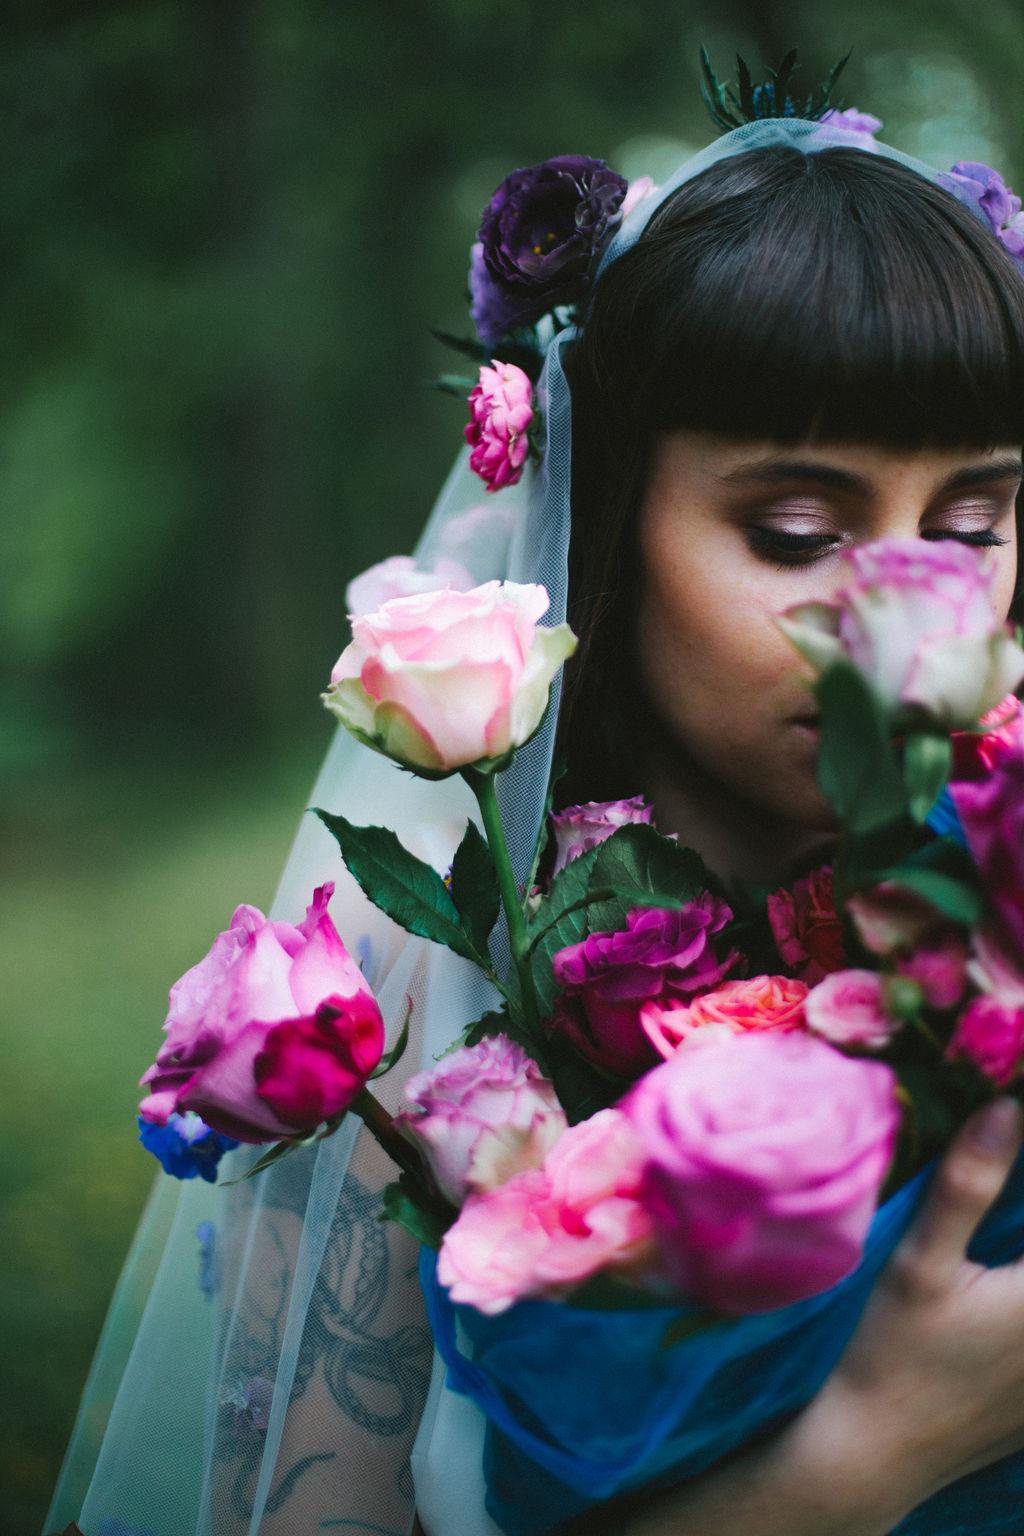 Fanny_myard_photography_ELIXIR-47